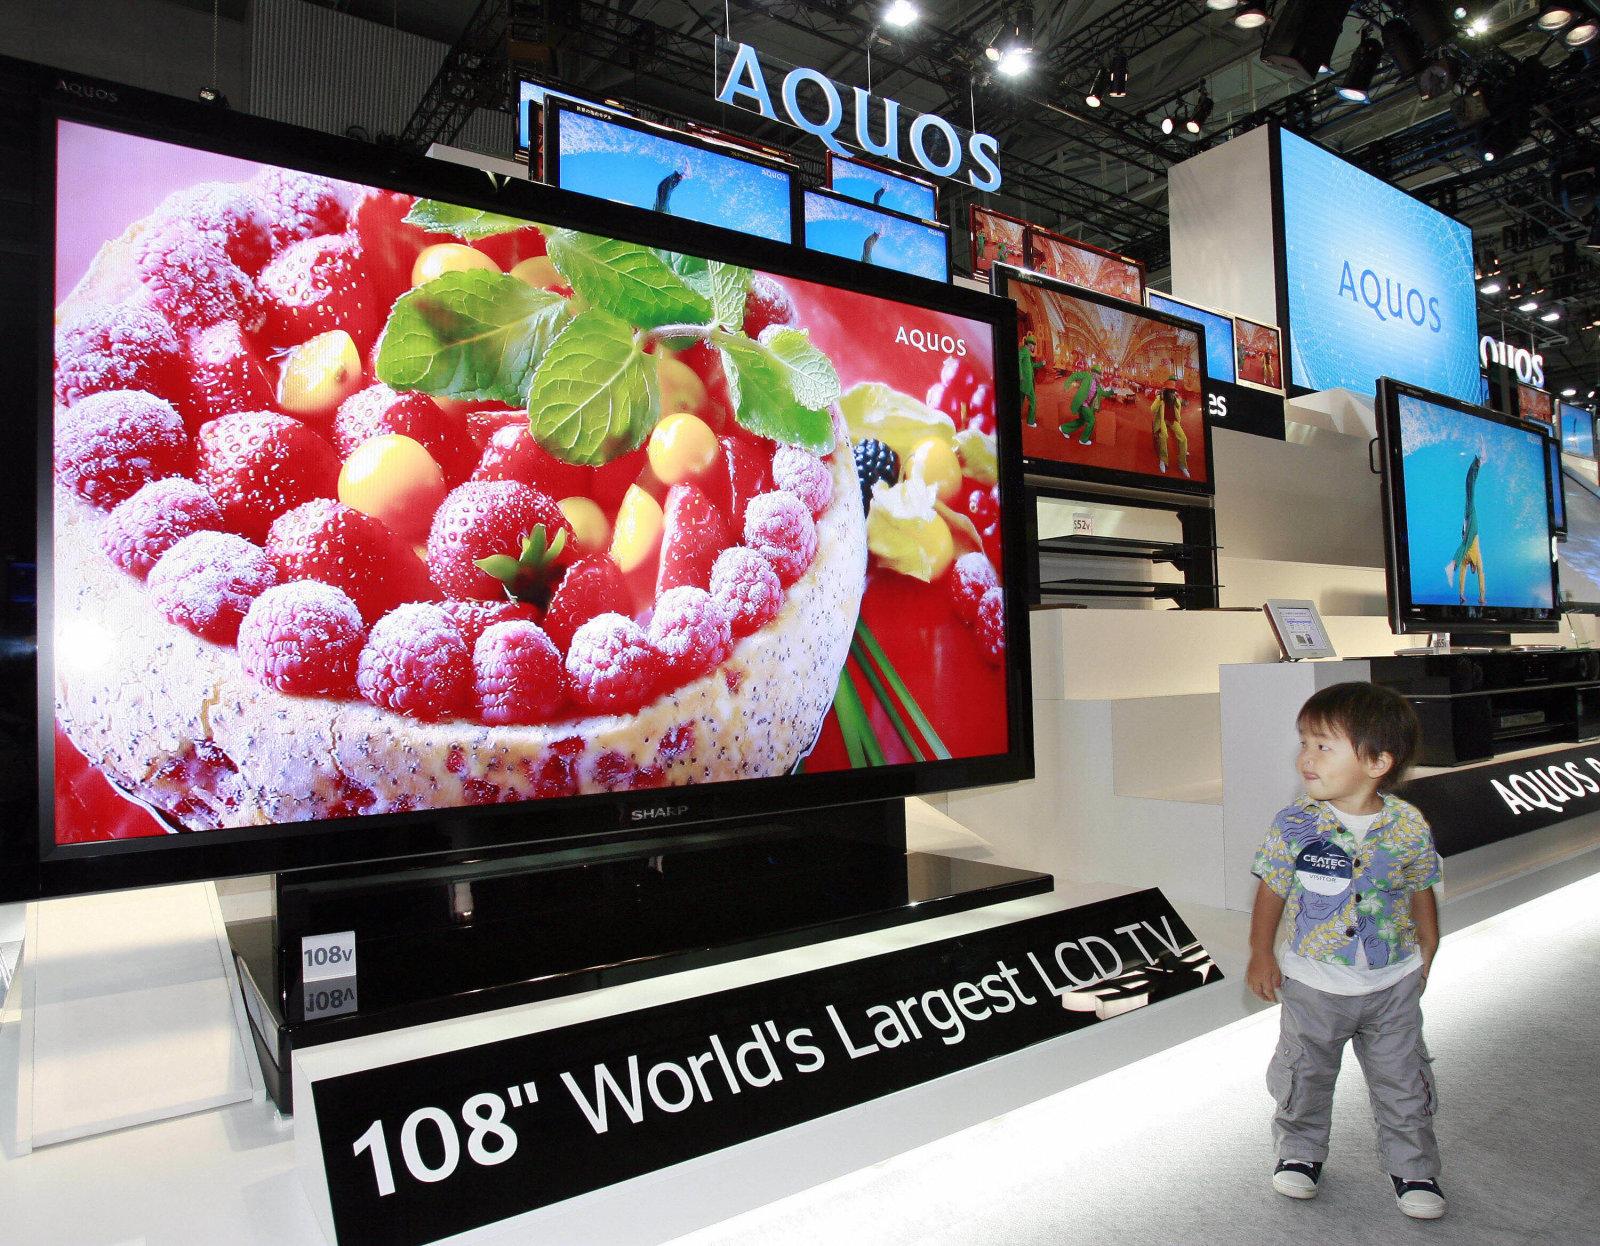 斥资5.15亿美元 夏普2018年将进军OLED屏幕市场